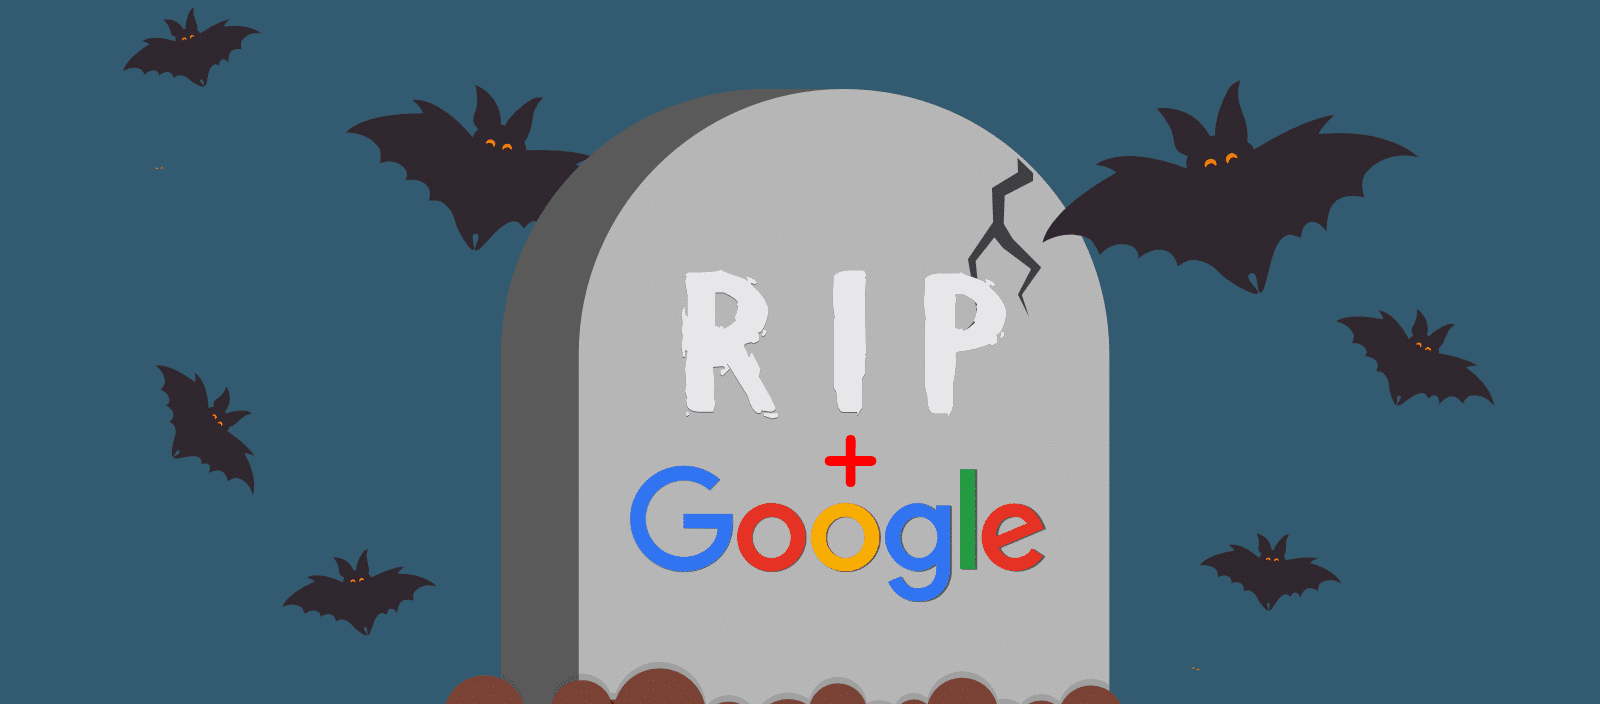 Falha no Google Plus expõe dados de 52,5 milhões de usuários